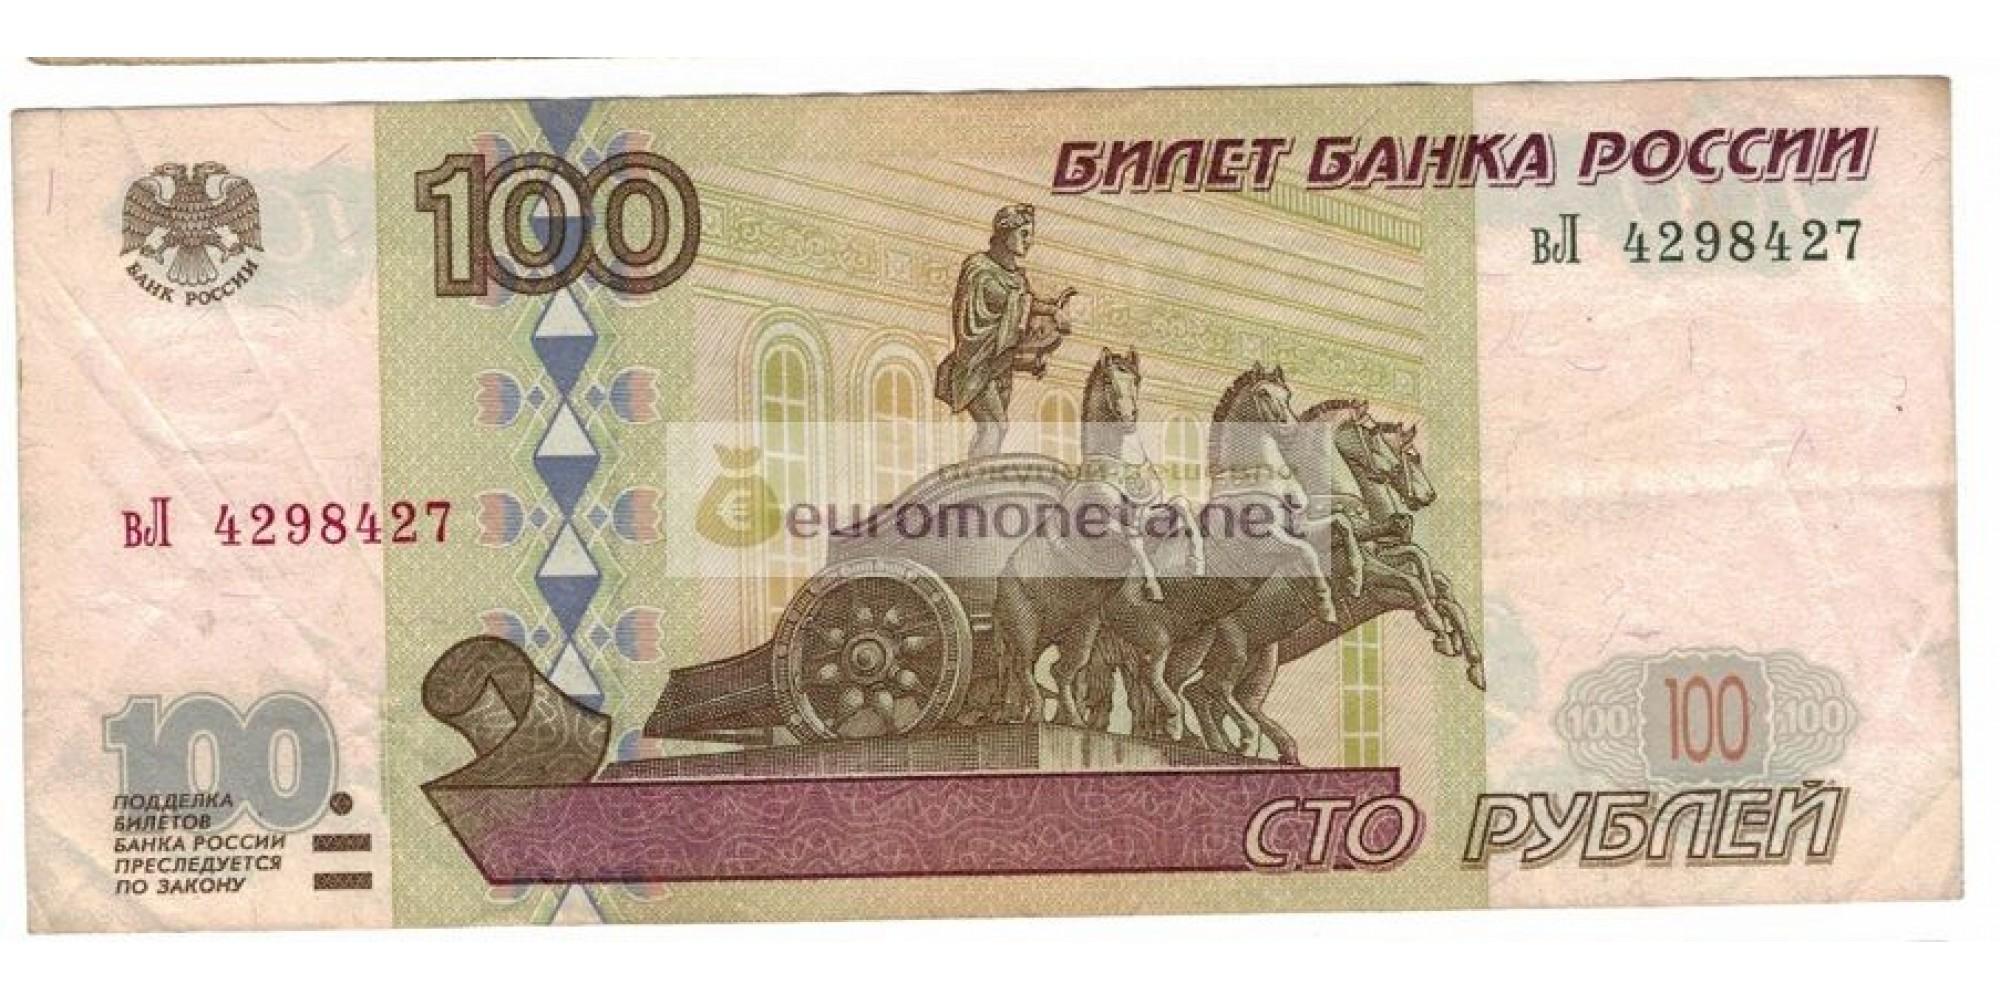 Россия 100 рублей 1997 год модификация 2001 год серия вЛ 4298427